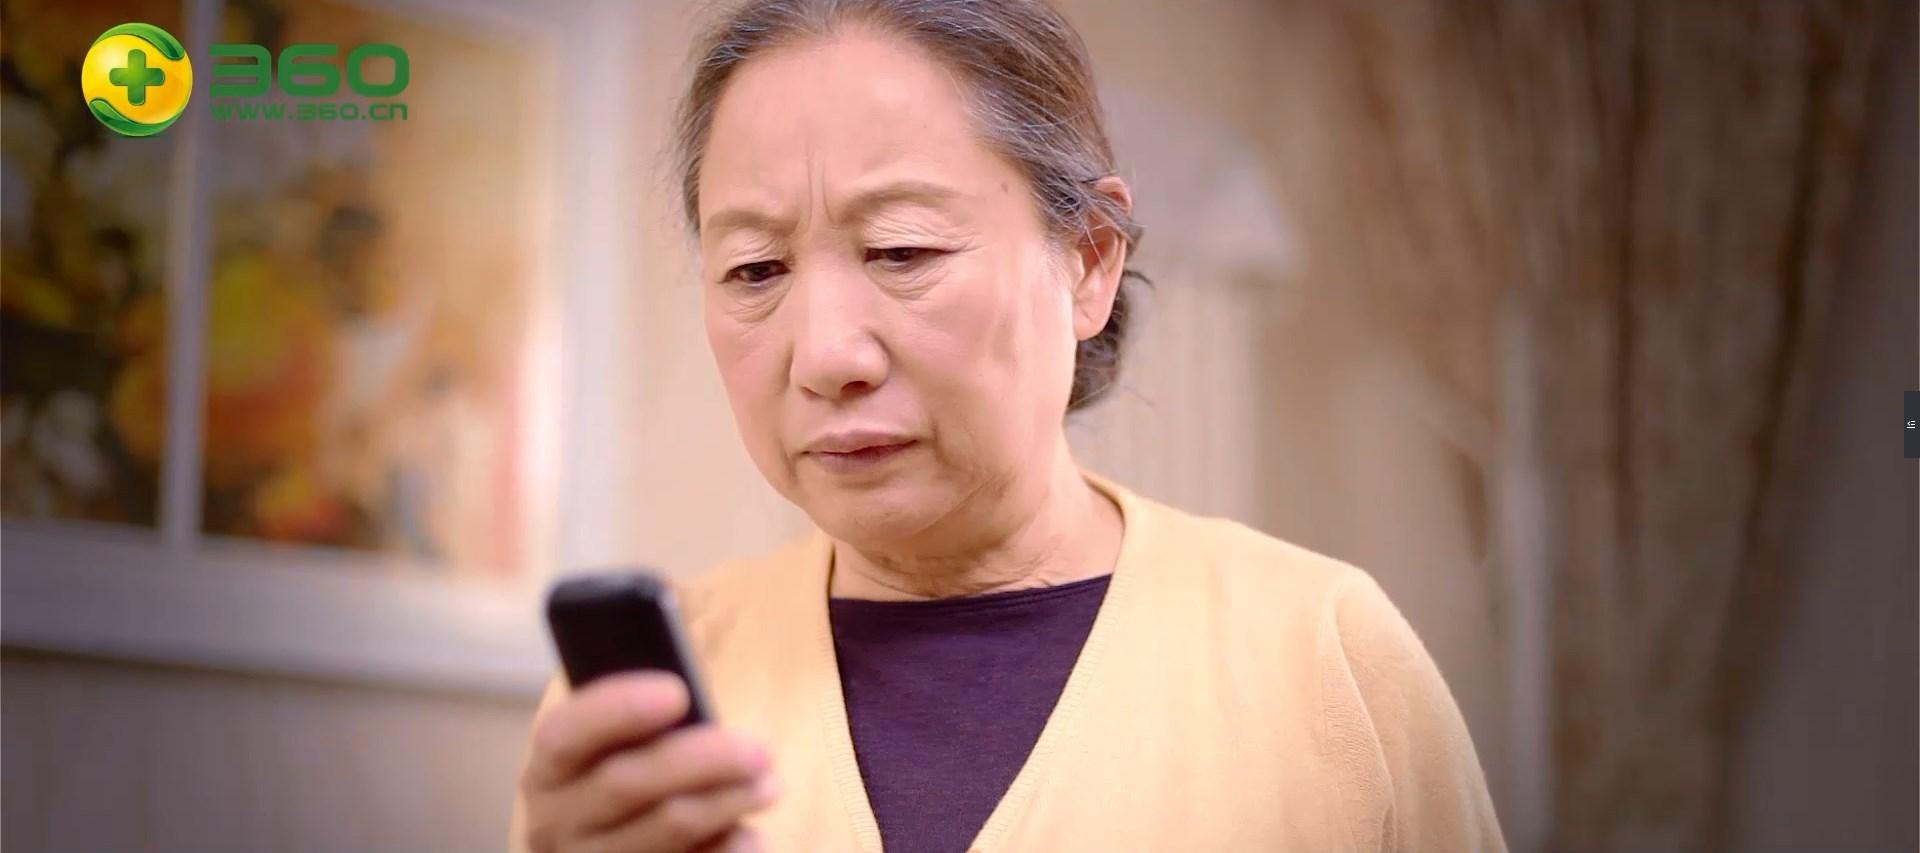 奶奶爱上百变大咖秀